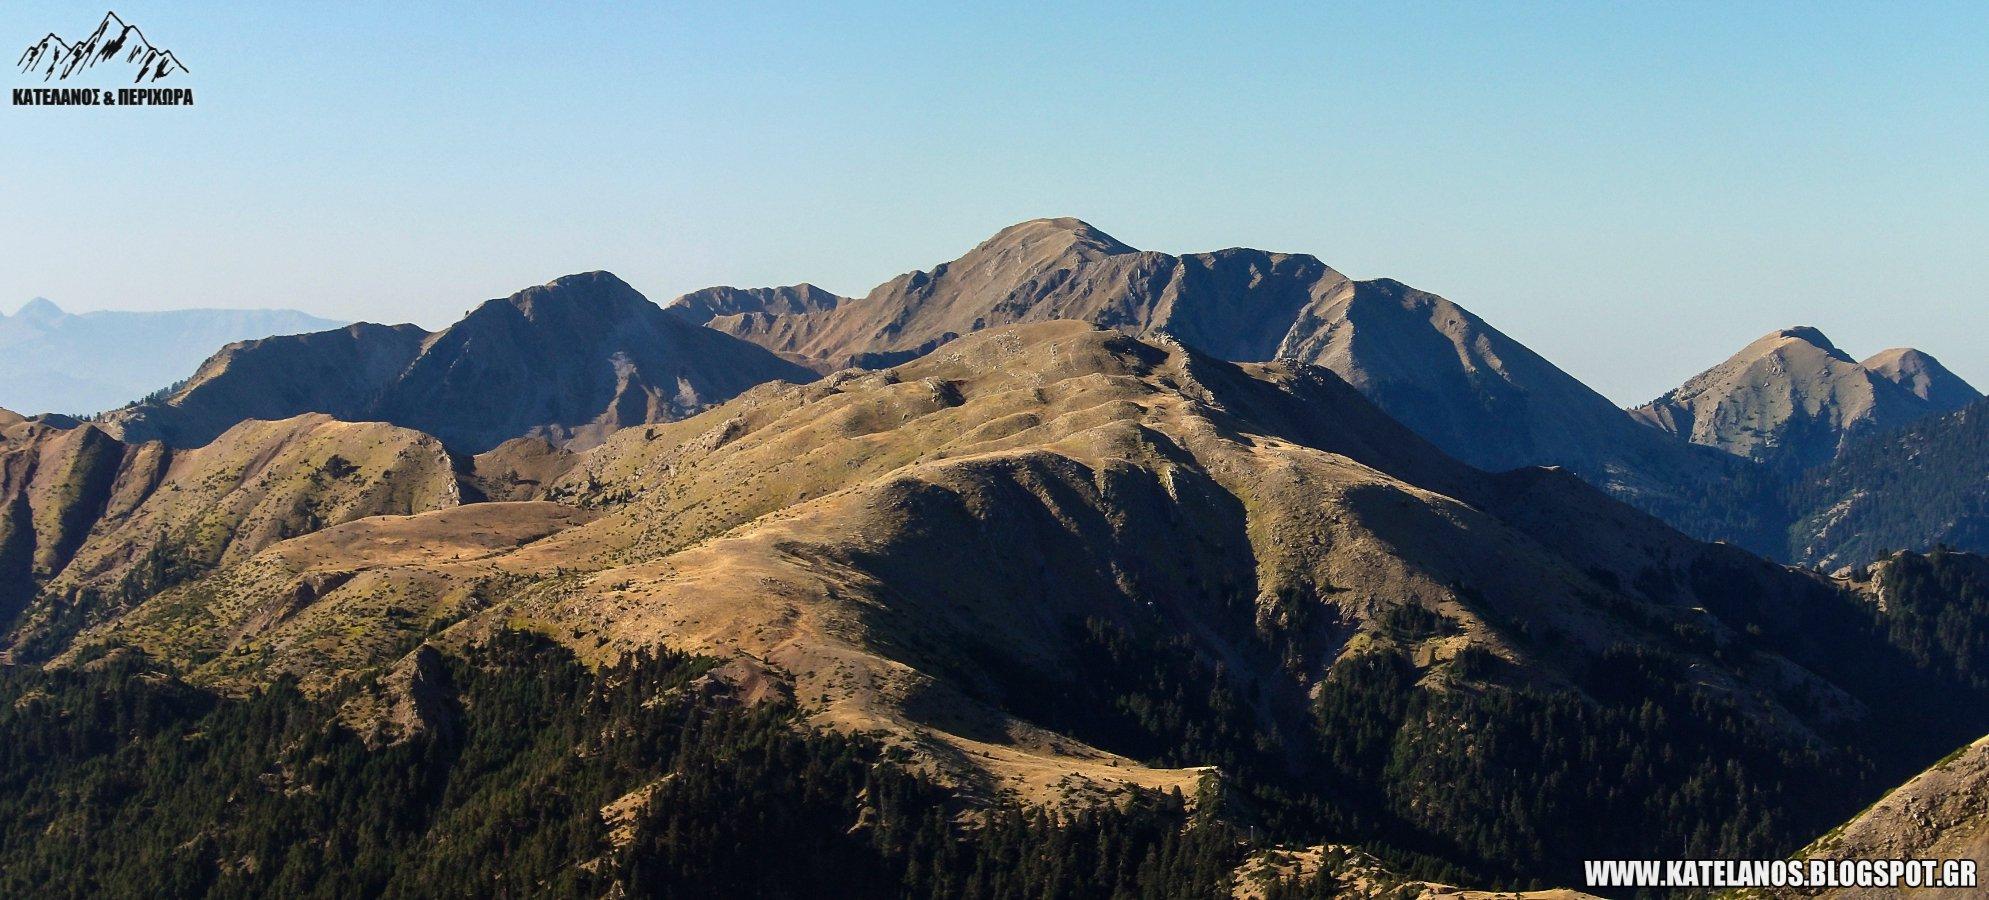 δυτικο παναιτωλικο καταβοθρα κρημνιτσα κατελανος νωρις το πρωι βουνοκορφες